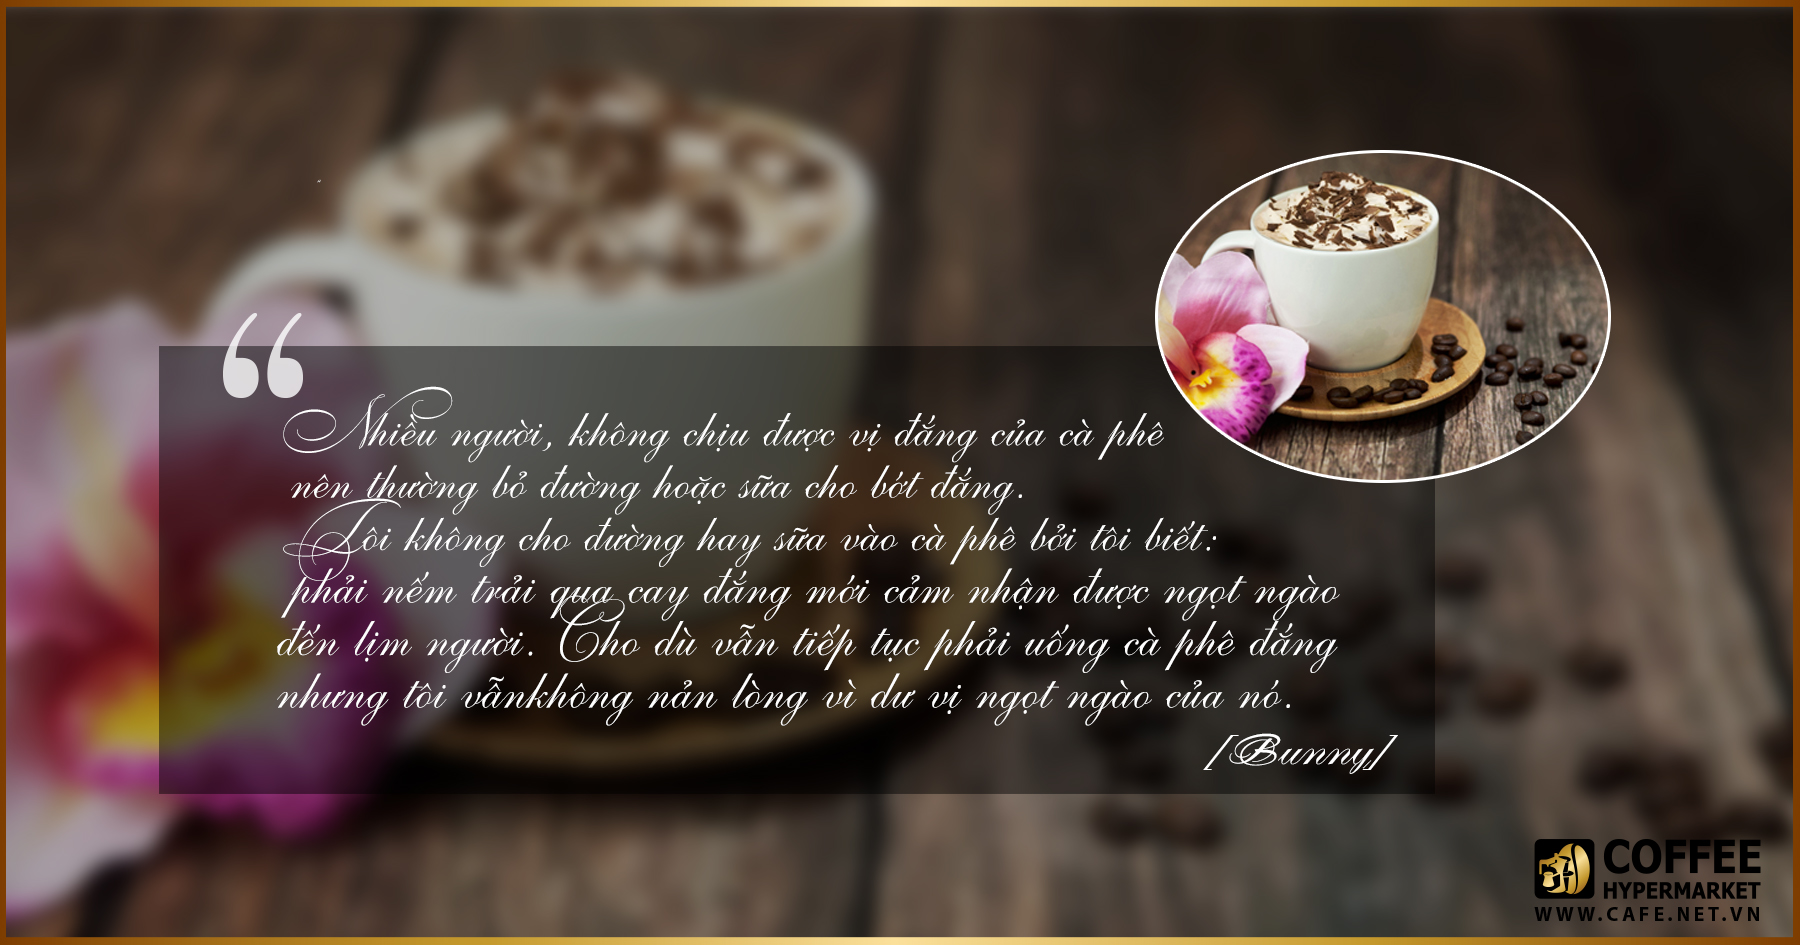 danh ngôn cà phê